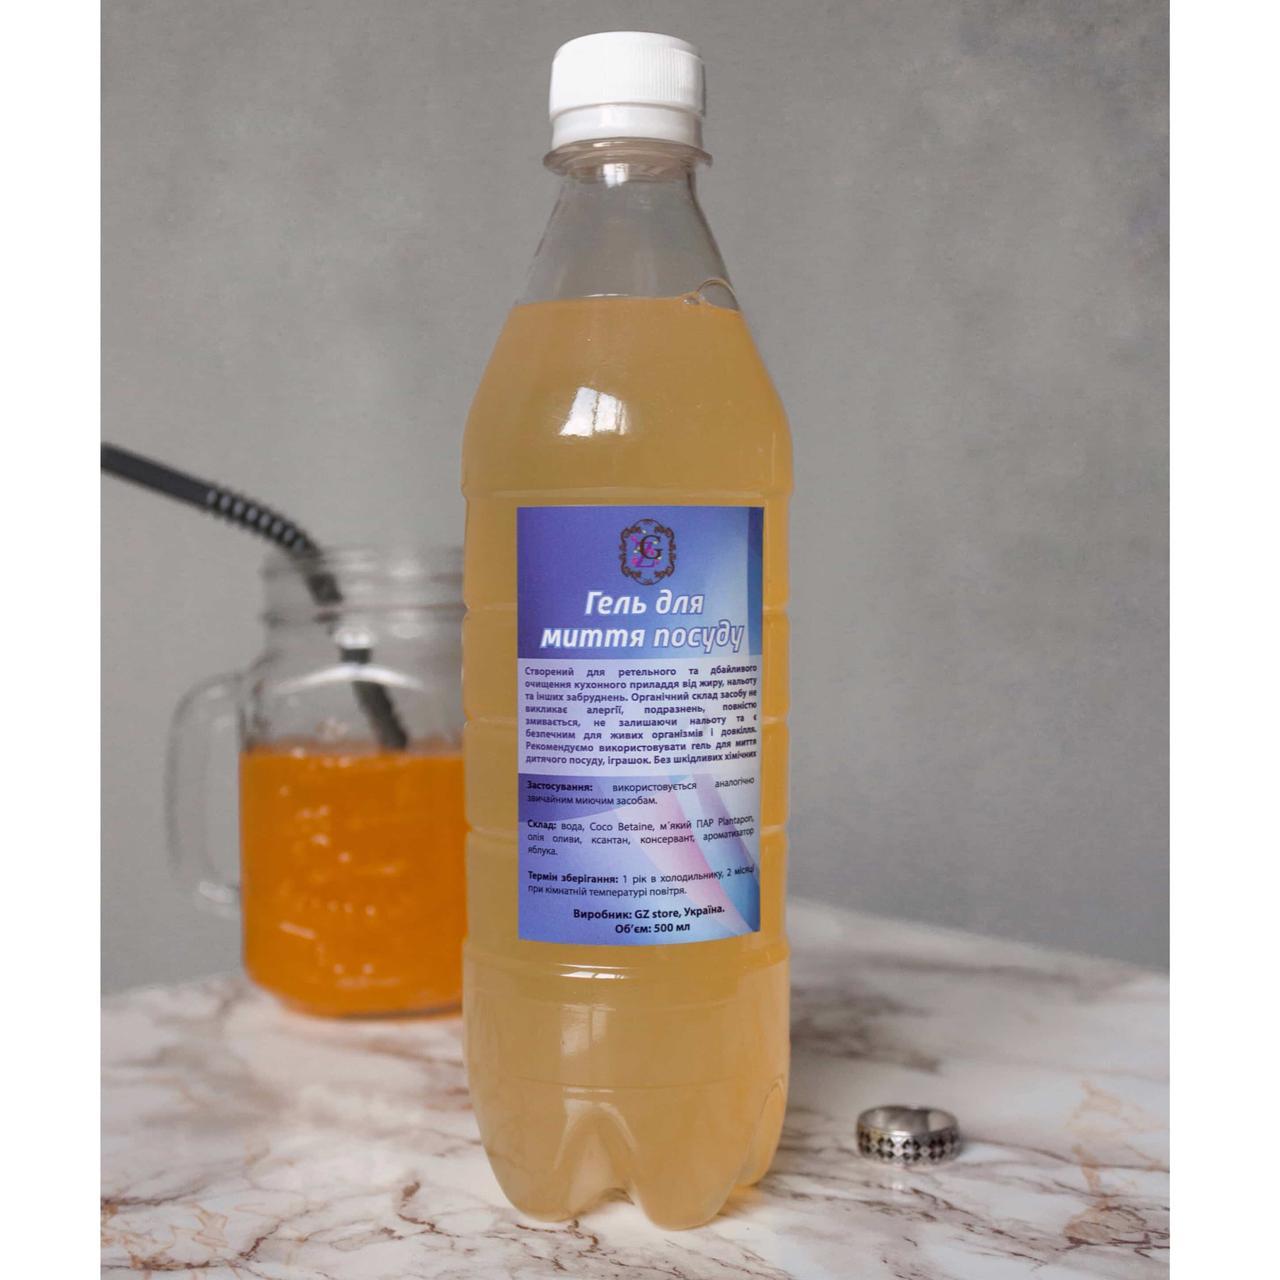 Гель для мытья Посуды - натуральный безопасный состав, хорошо отмывает, без слс! GZ 500мл